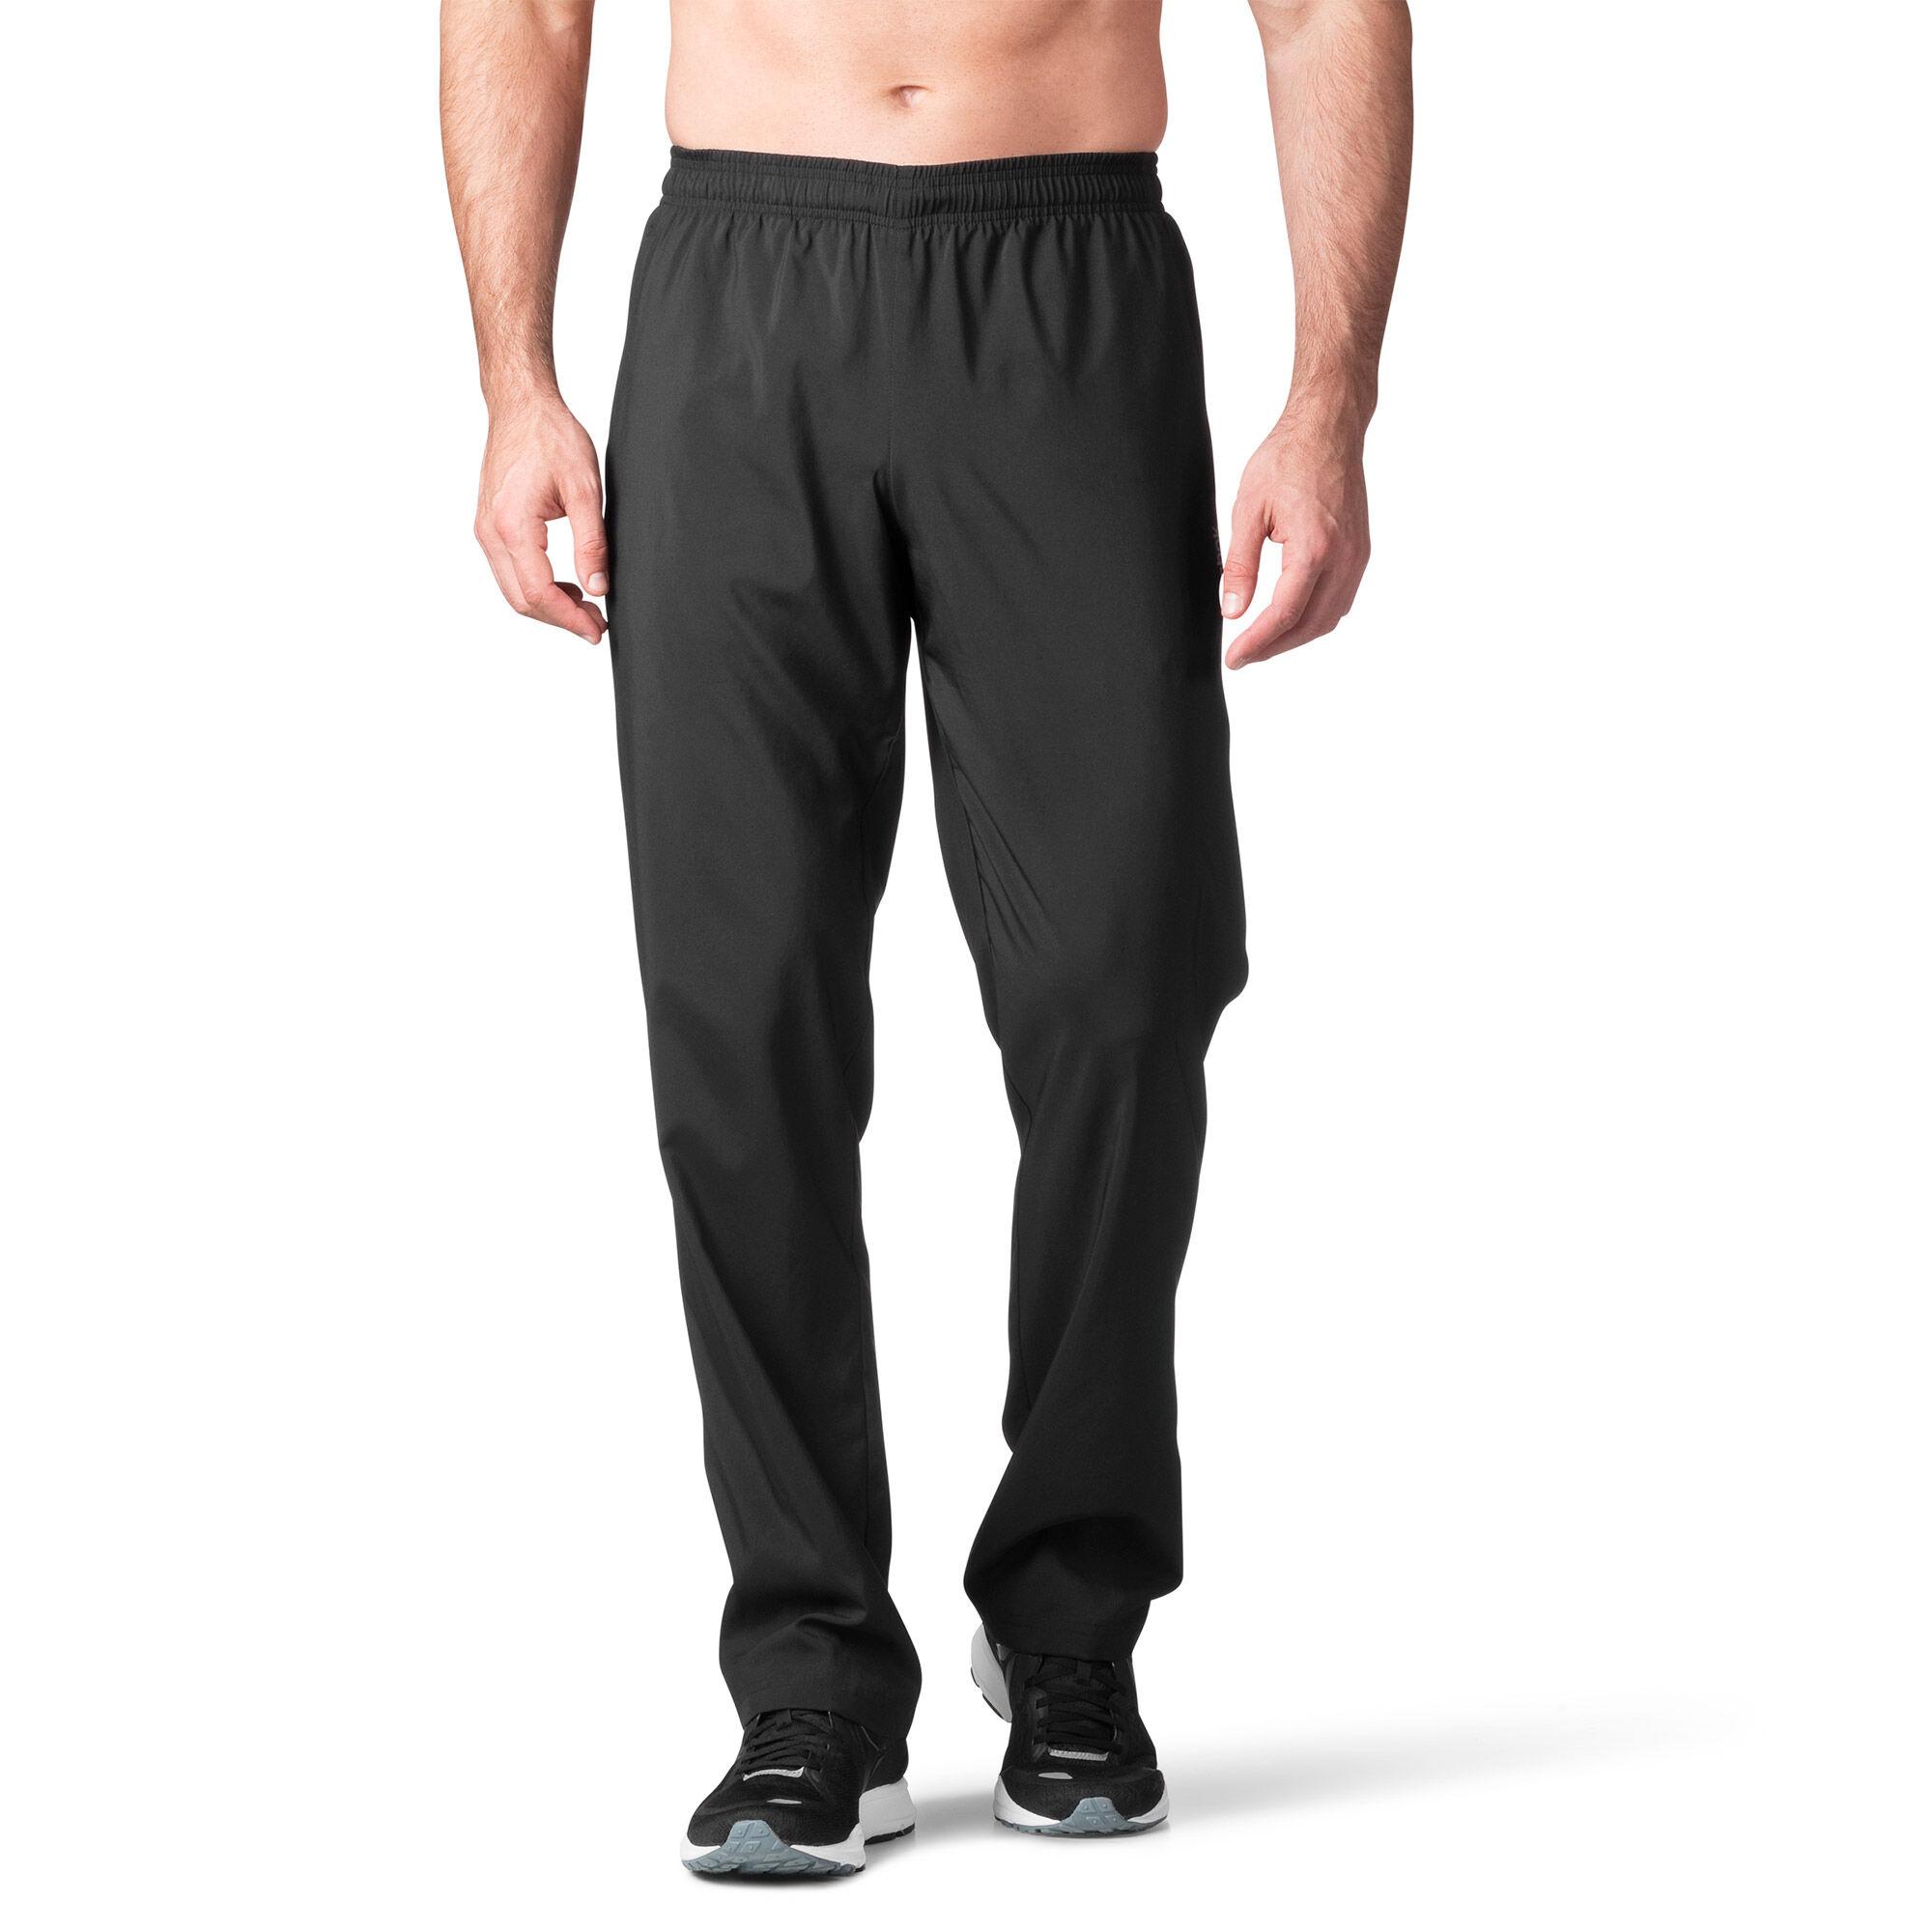 Reebok - Woven Unlined Open Hem Pant Black/Black AJ3061